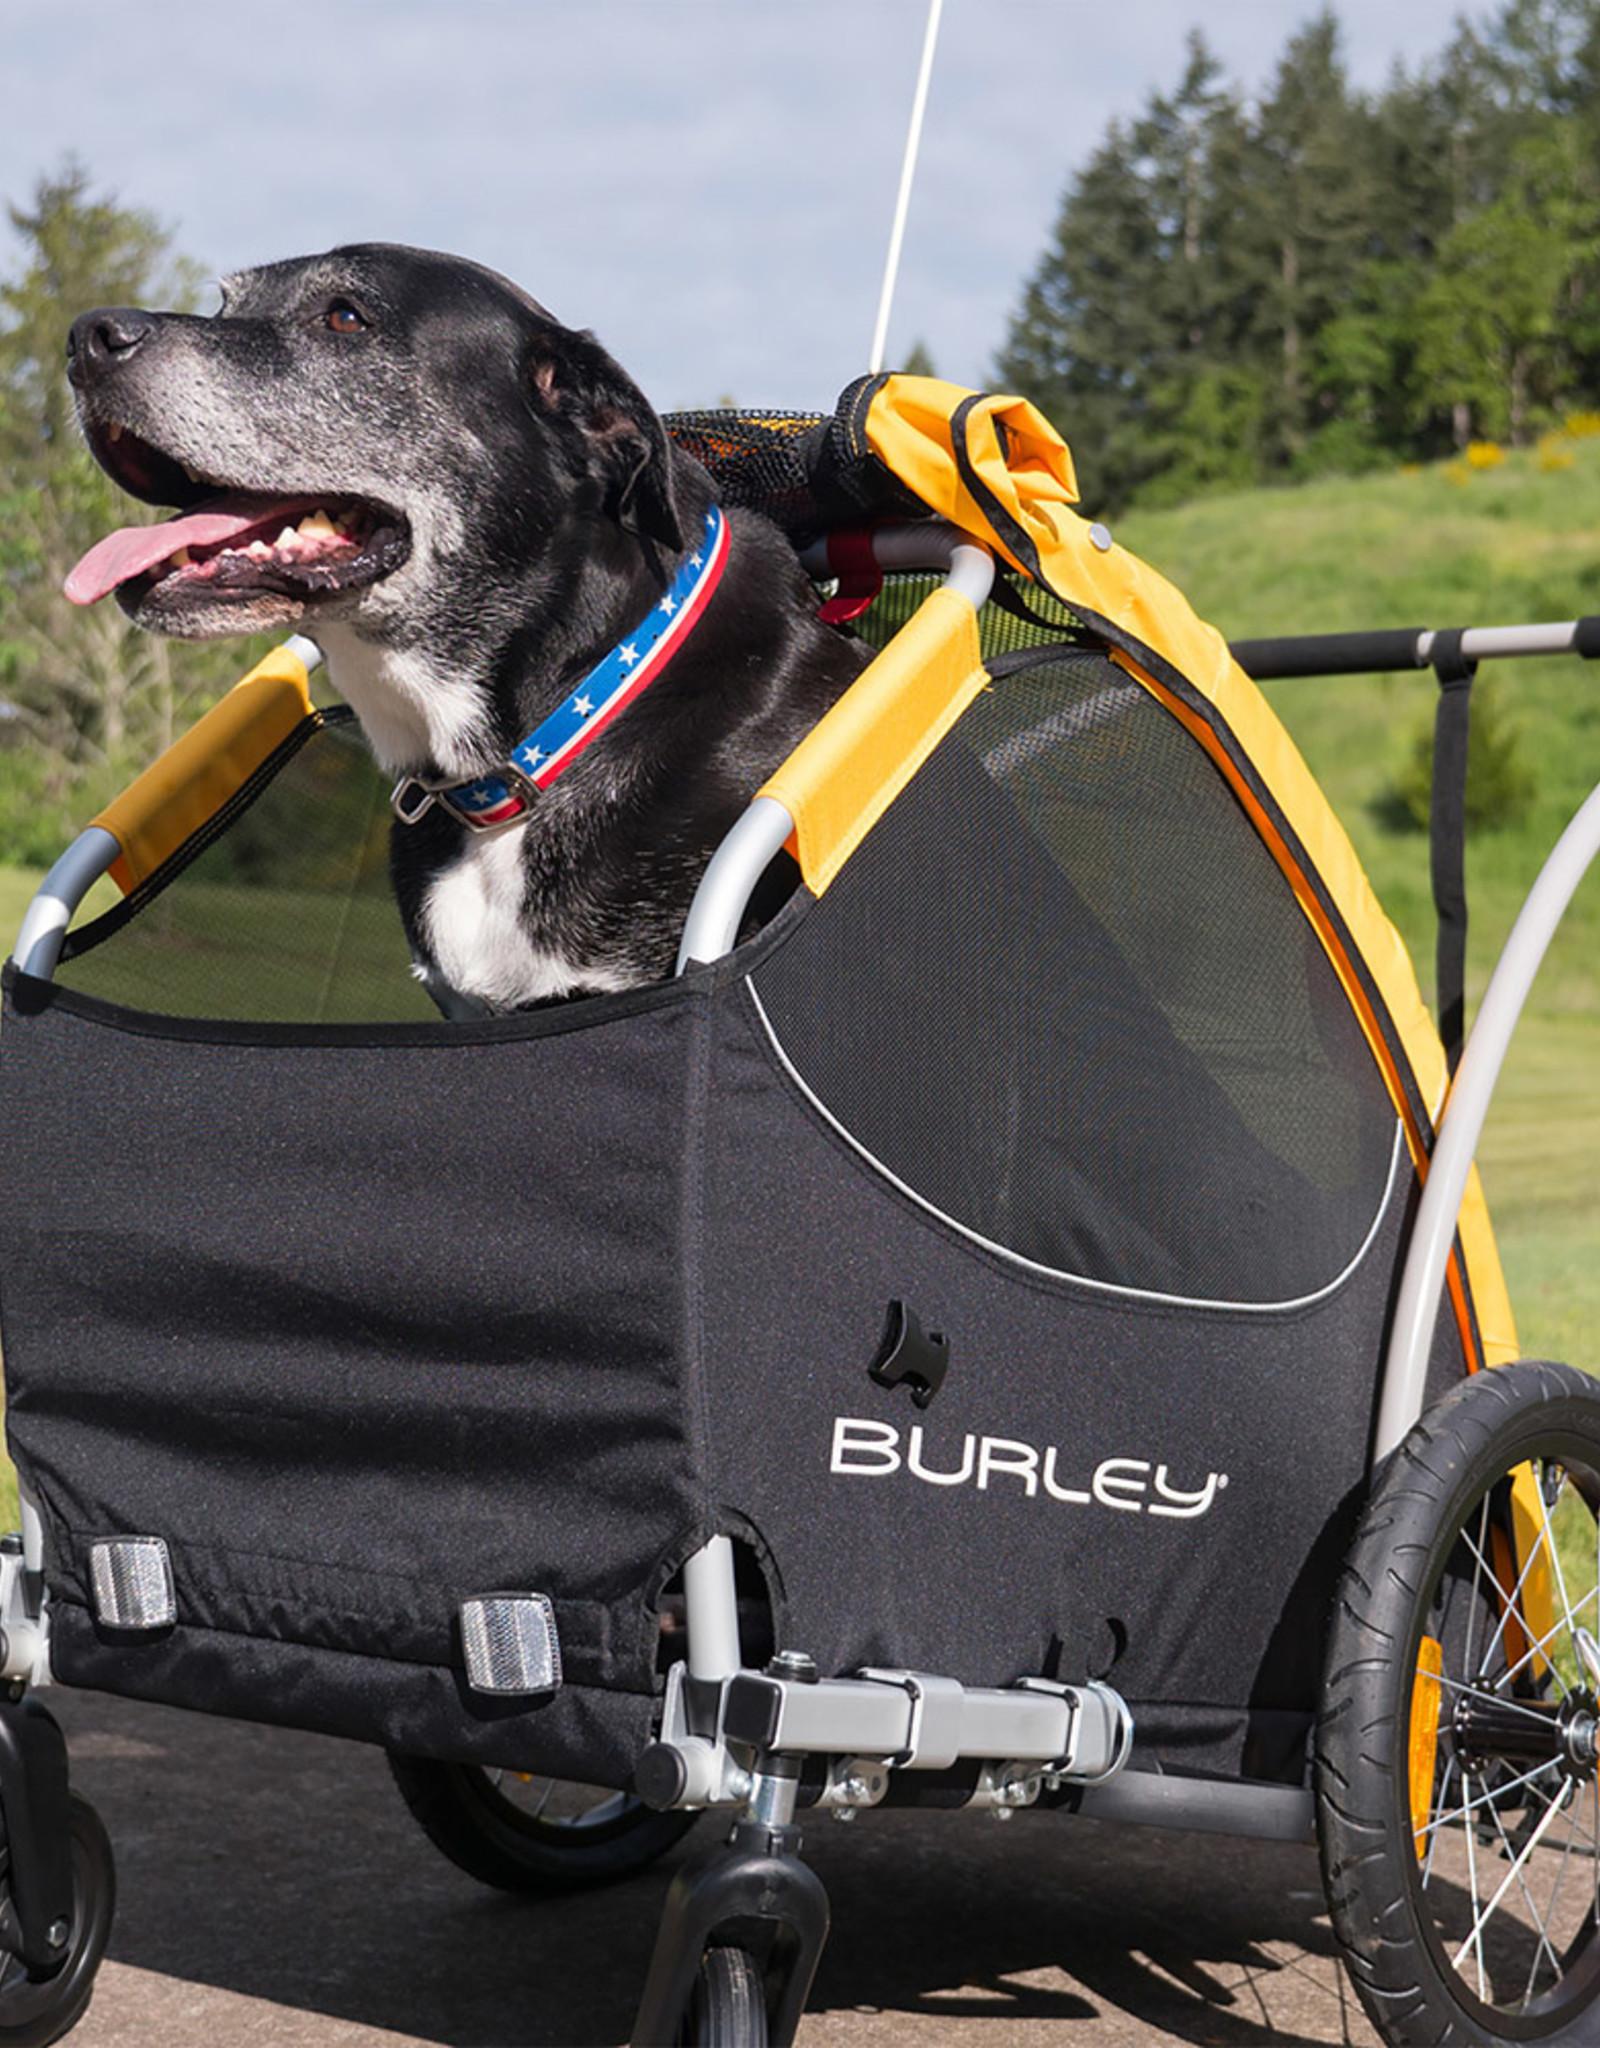 Burley BURLEY Tail Wagon